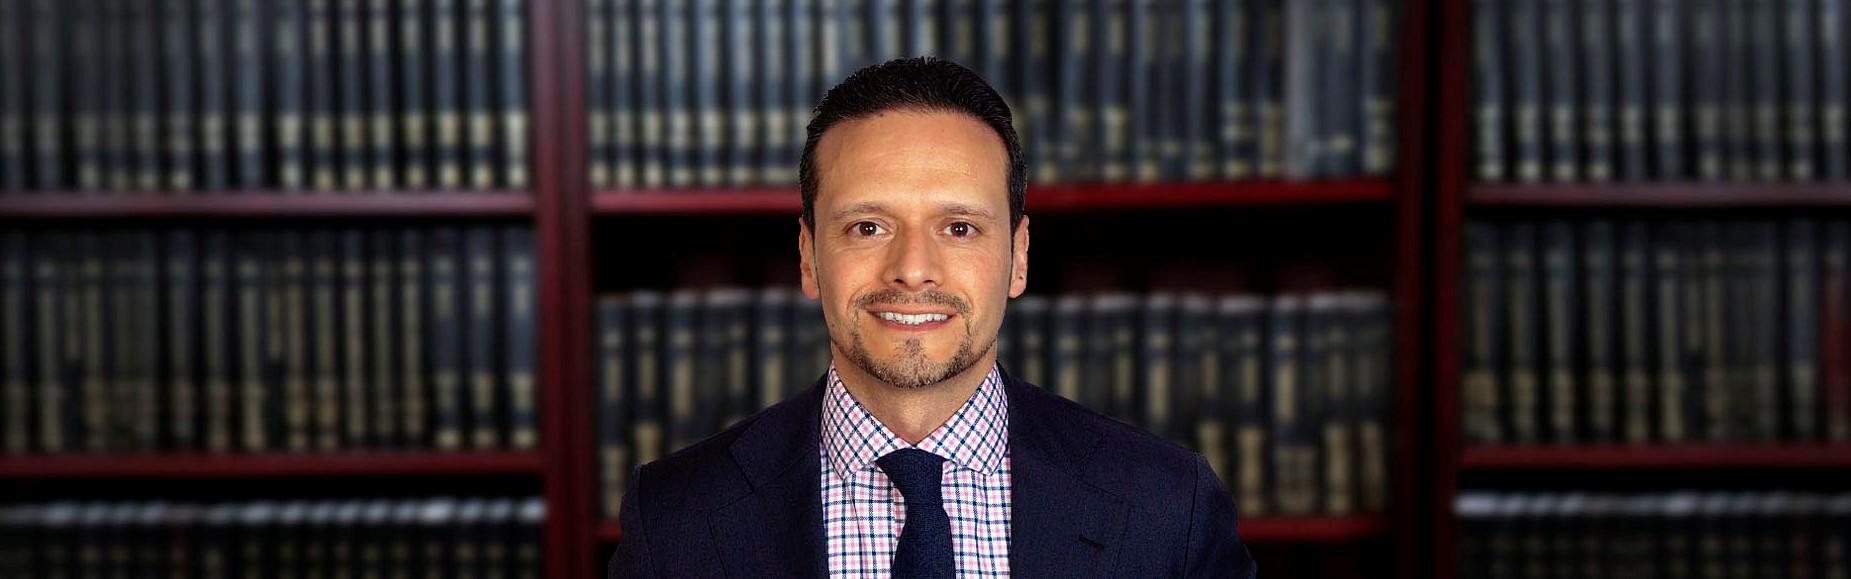 Richard J Freire